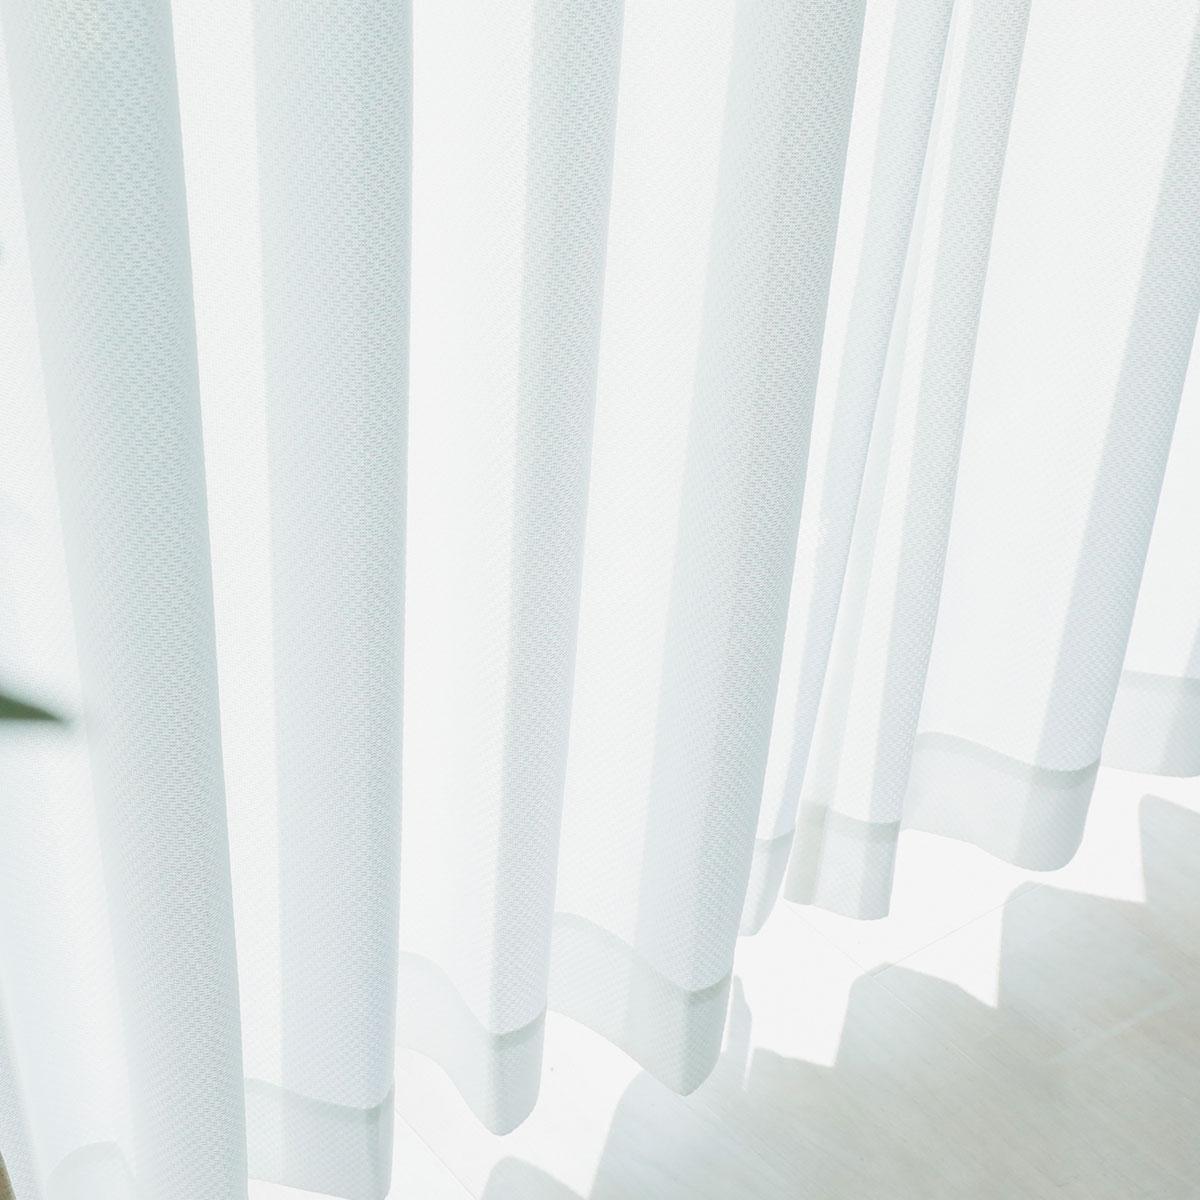 レースカーテン『フェイト』トップ画像